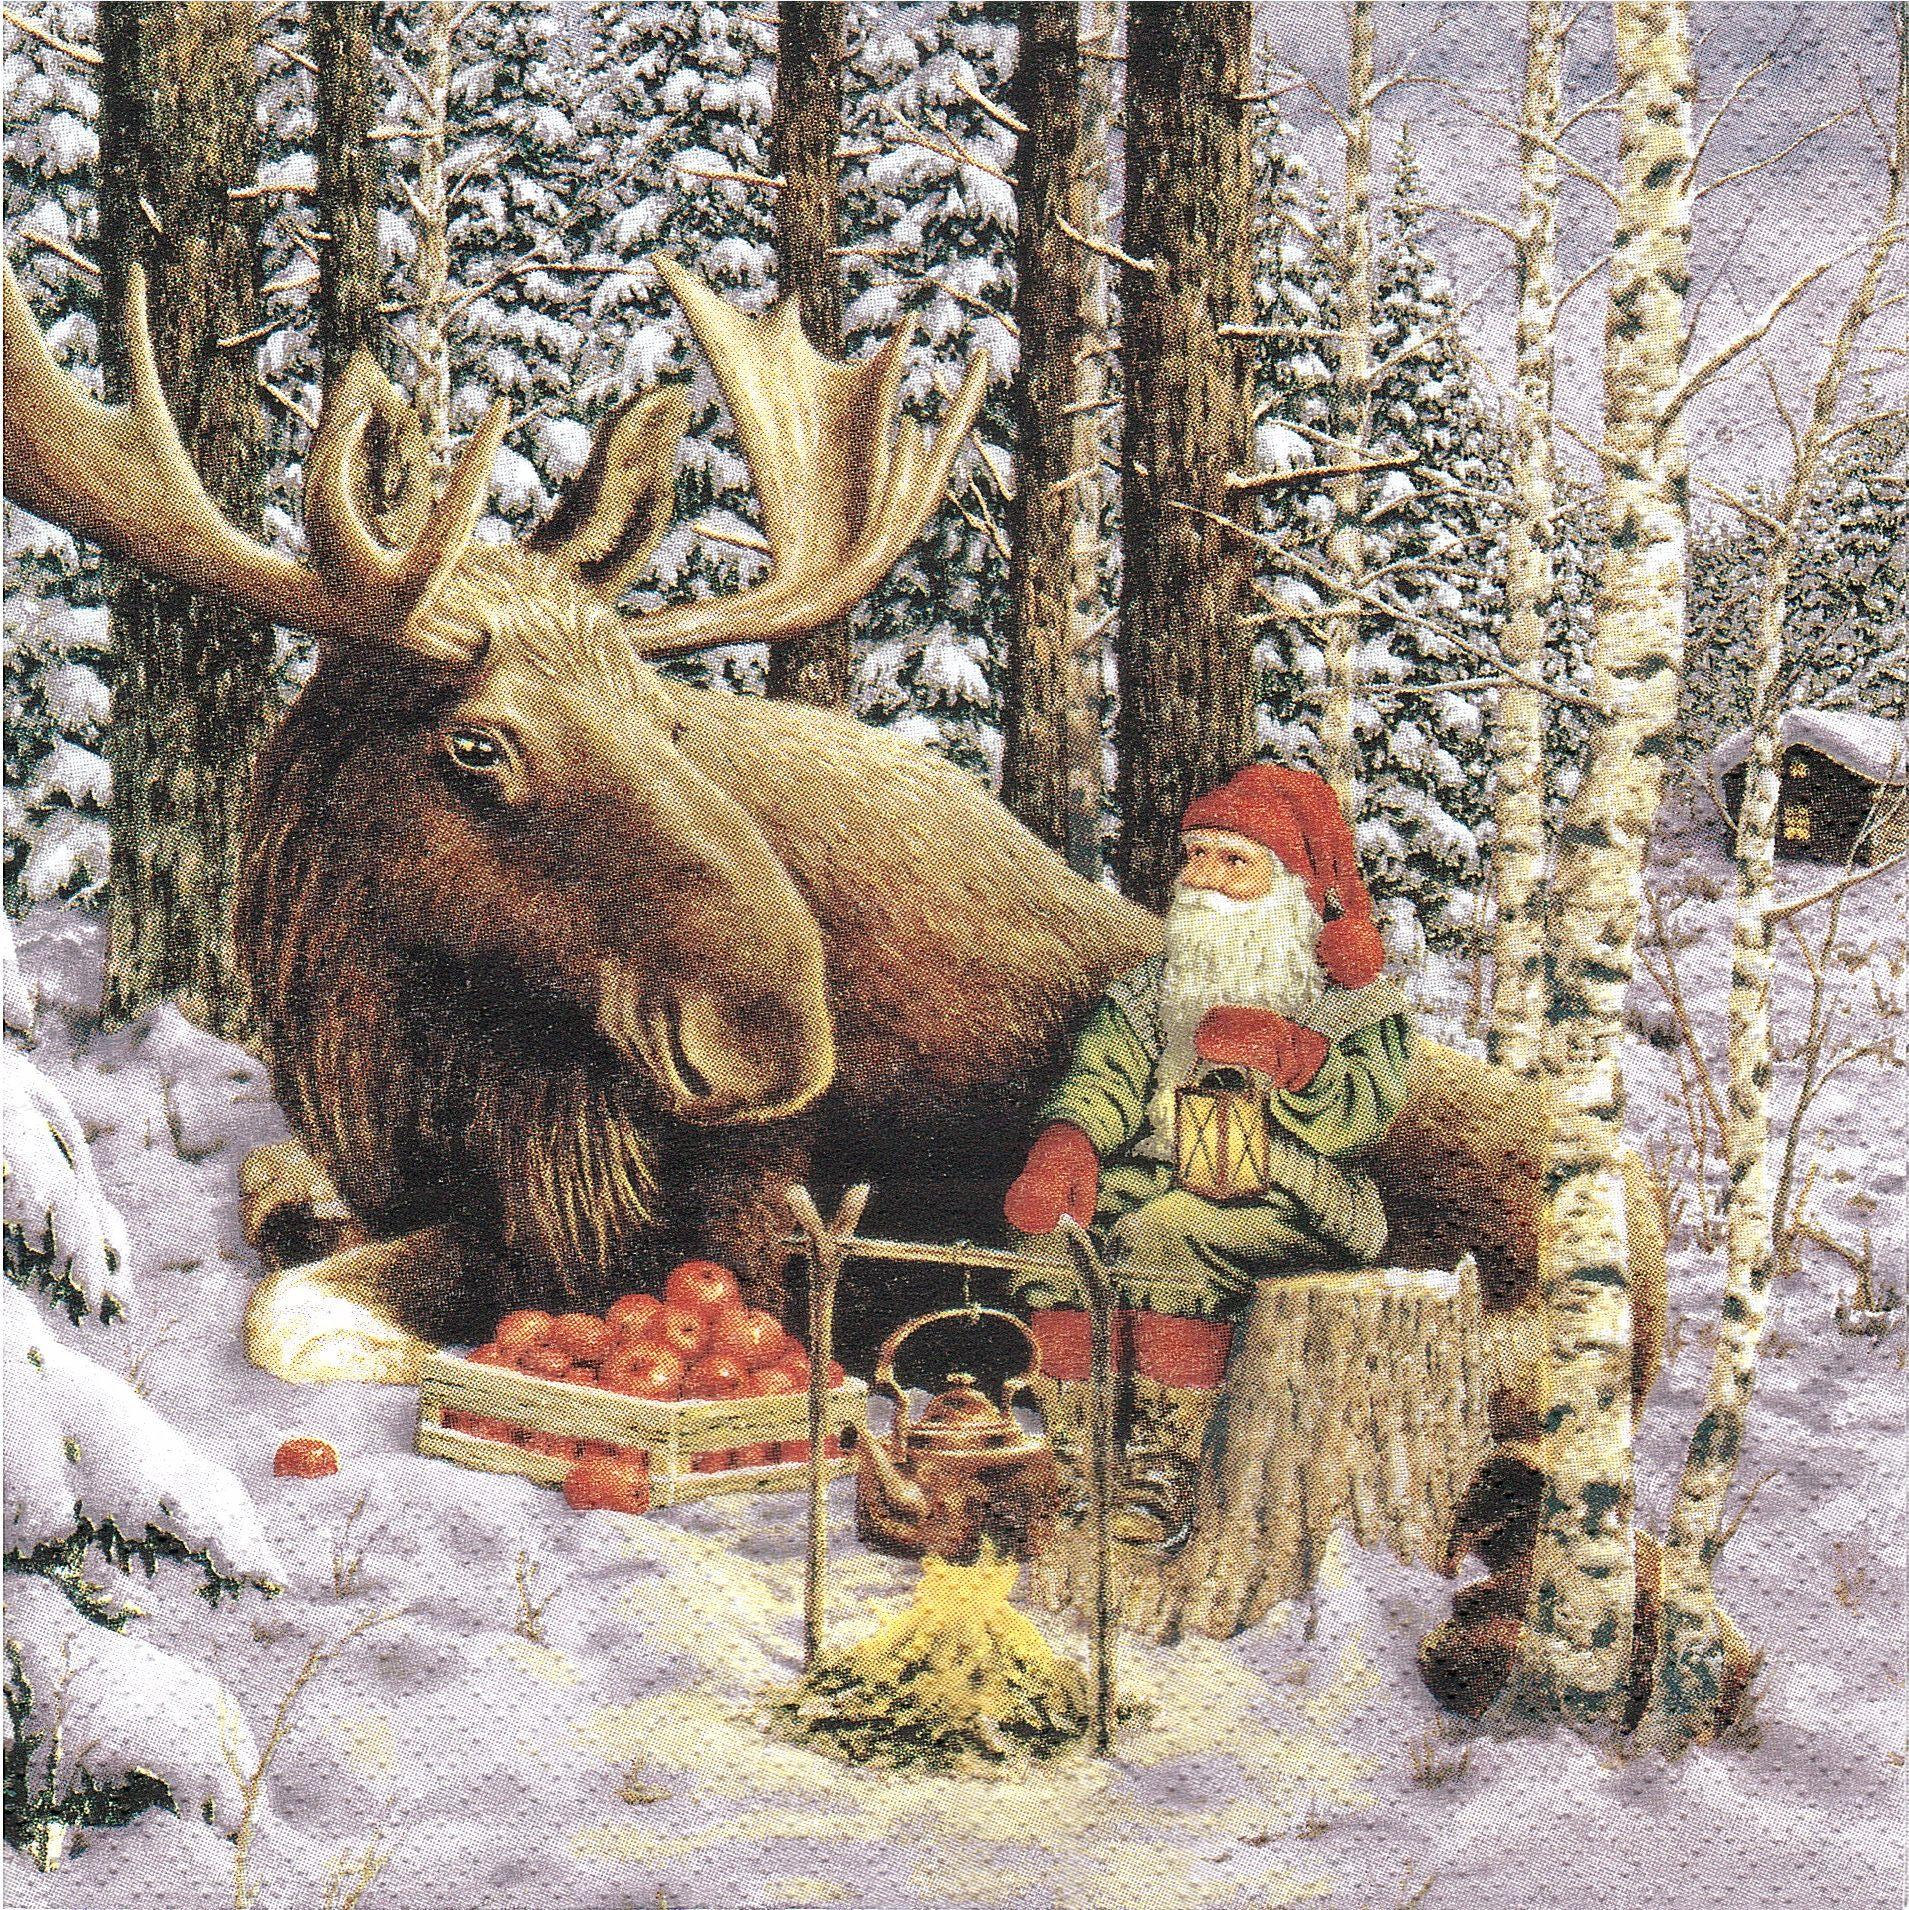 зря сейчас картинка для охотника с новым годом таинственностью грибы